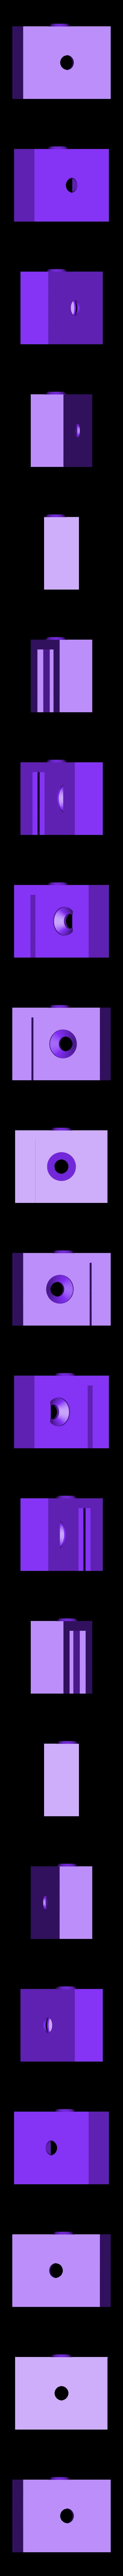 plaquecrochetv2.1invisible.STL Télécharger fichier STL gratuit crochet léger • Objet imprimable en 3D, robroy